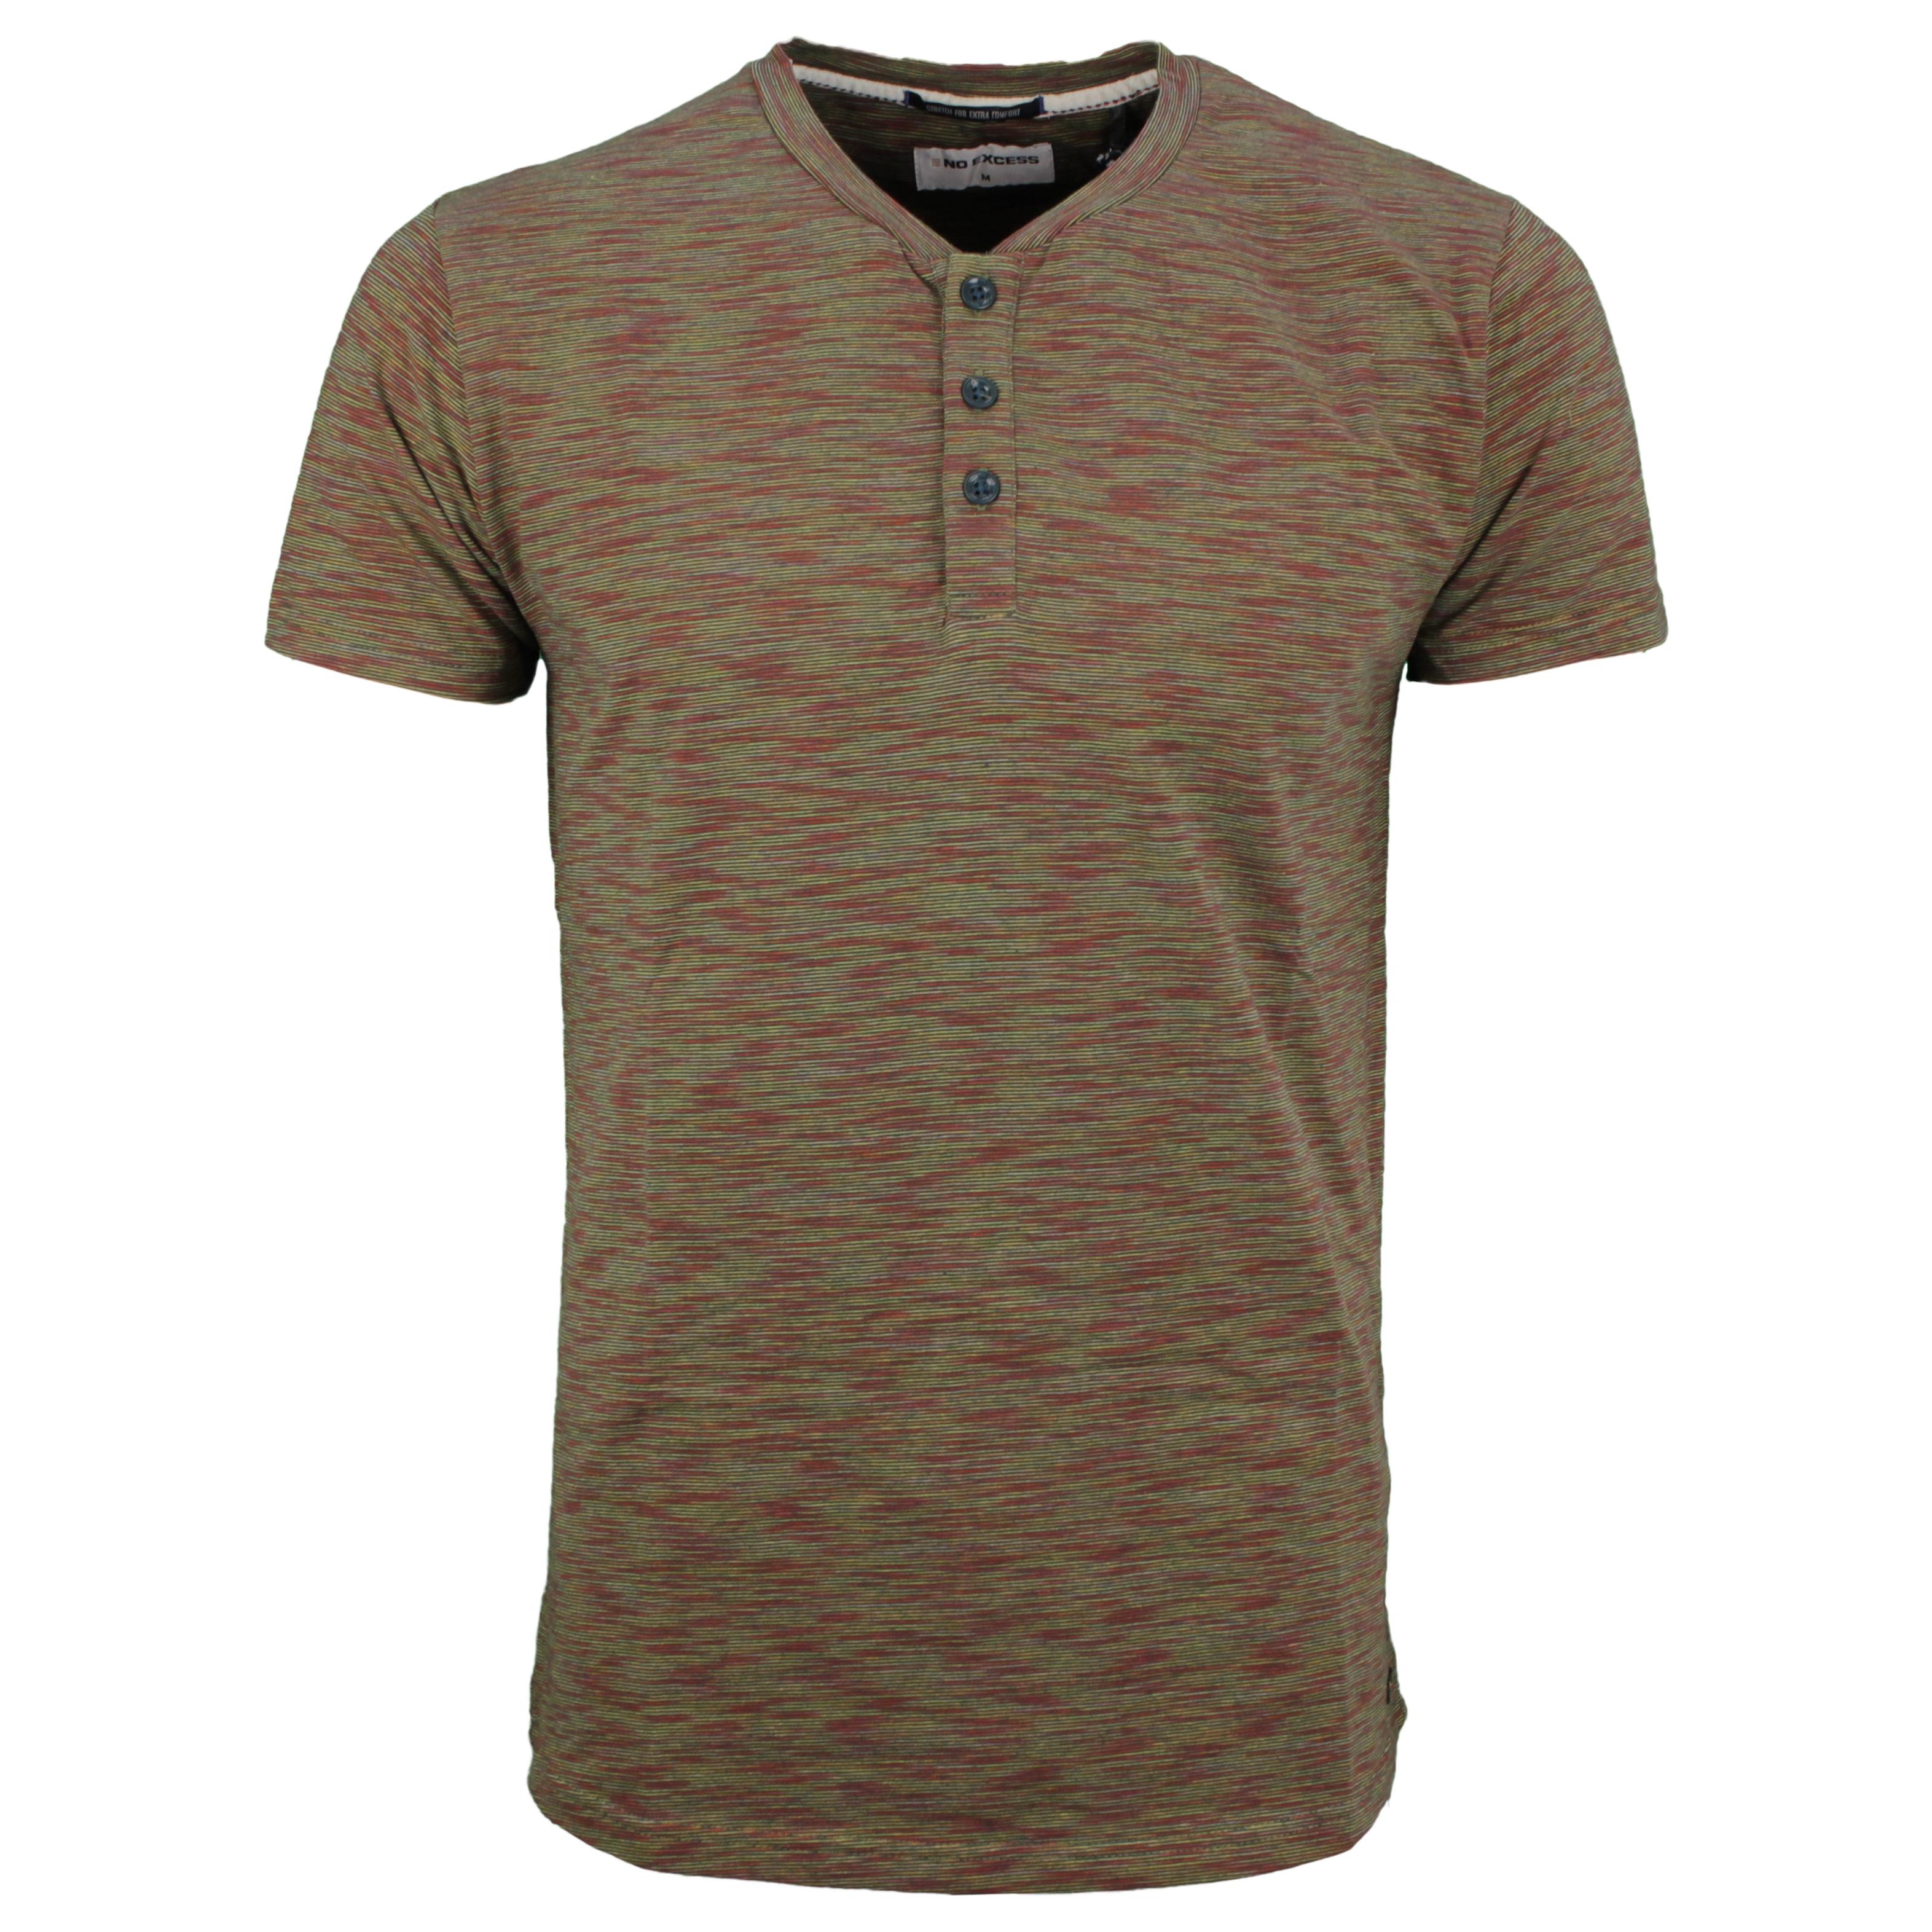 No Excess Herren T- Shirt Shirt kurzarm Knopfleiste mehrfarbig meliert 96350414 052